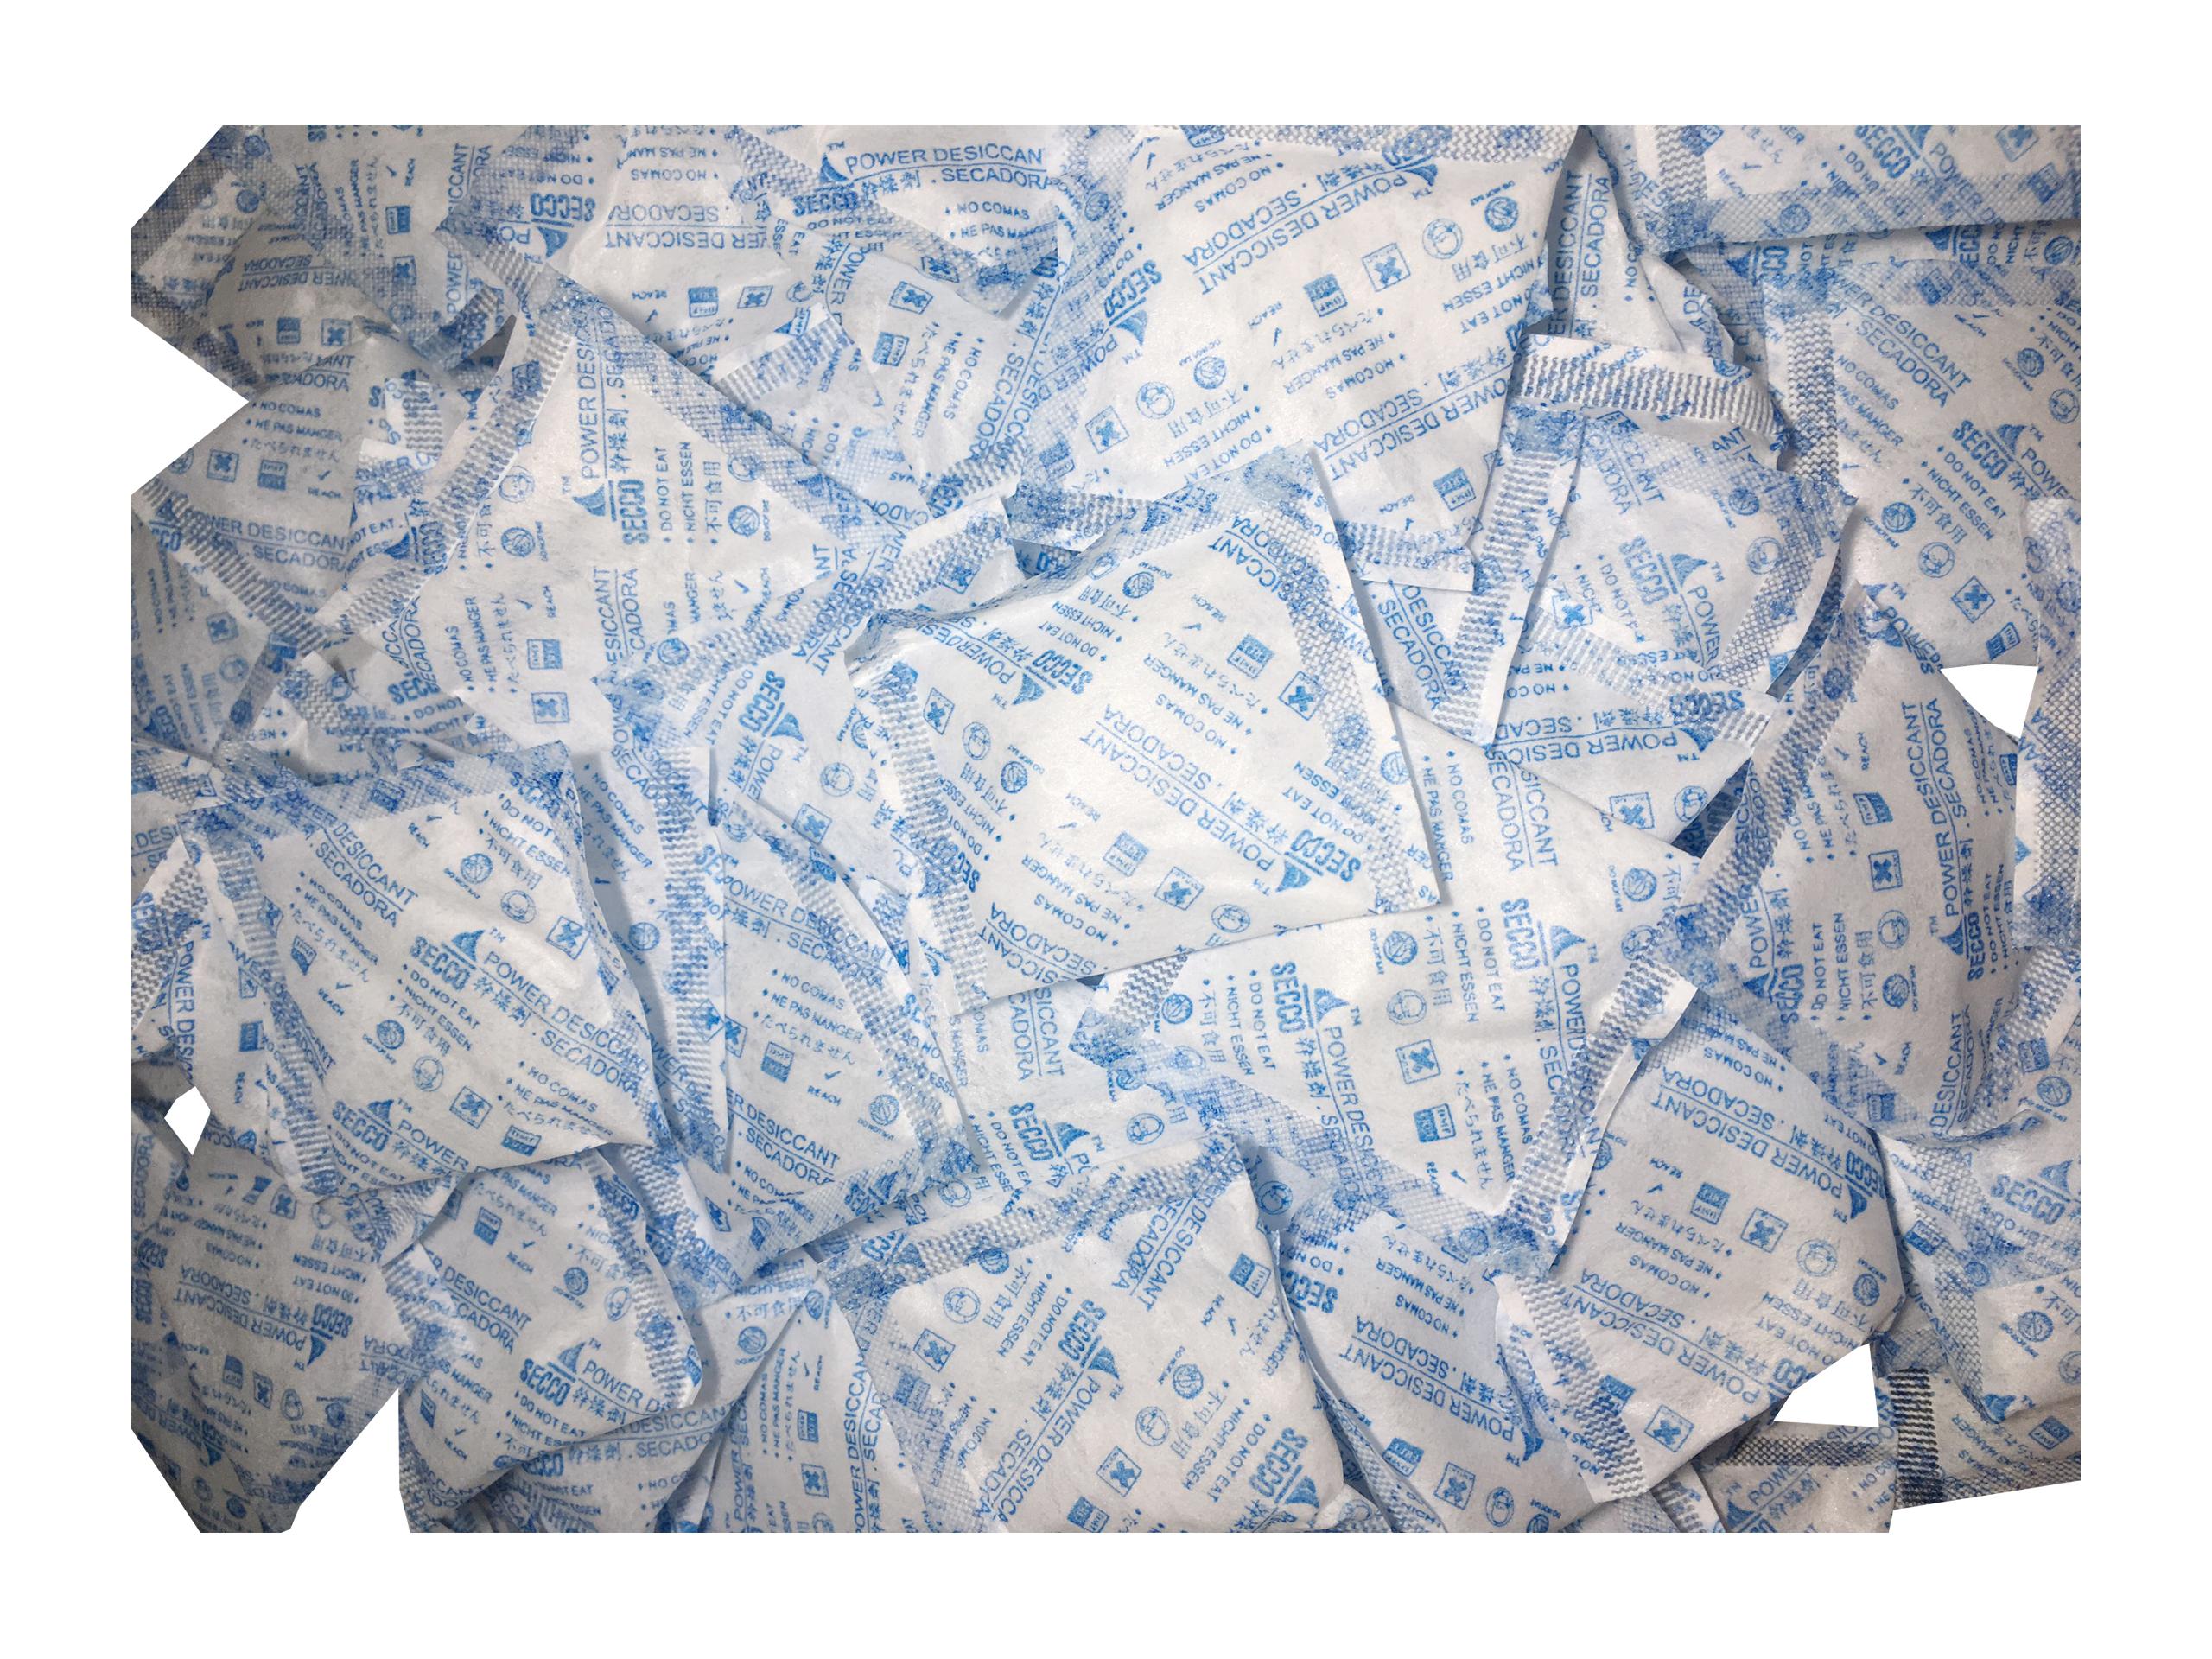 Túi hút ẩm Secco silica gel 5gr (khử mùi/hút ẩm)- 1kg (200 túi) - Chính hãng - Vải trắng - Chữ xanh logo